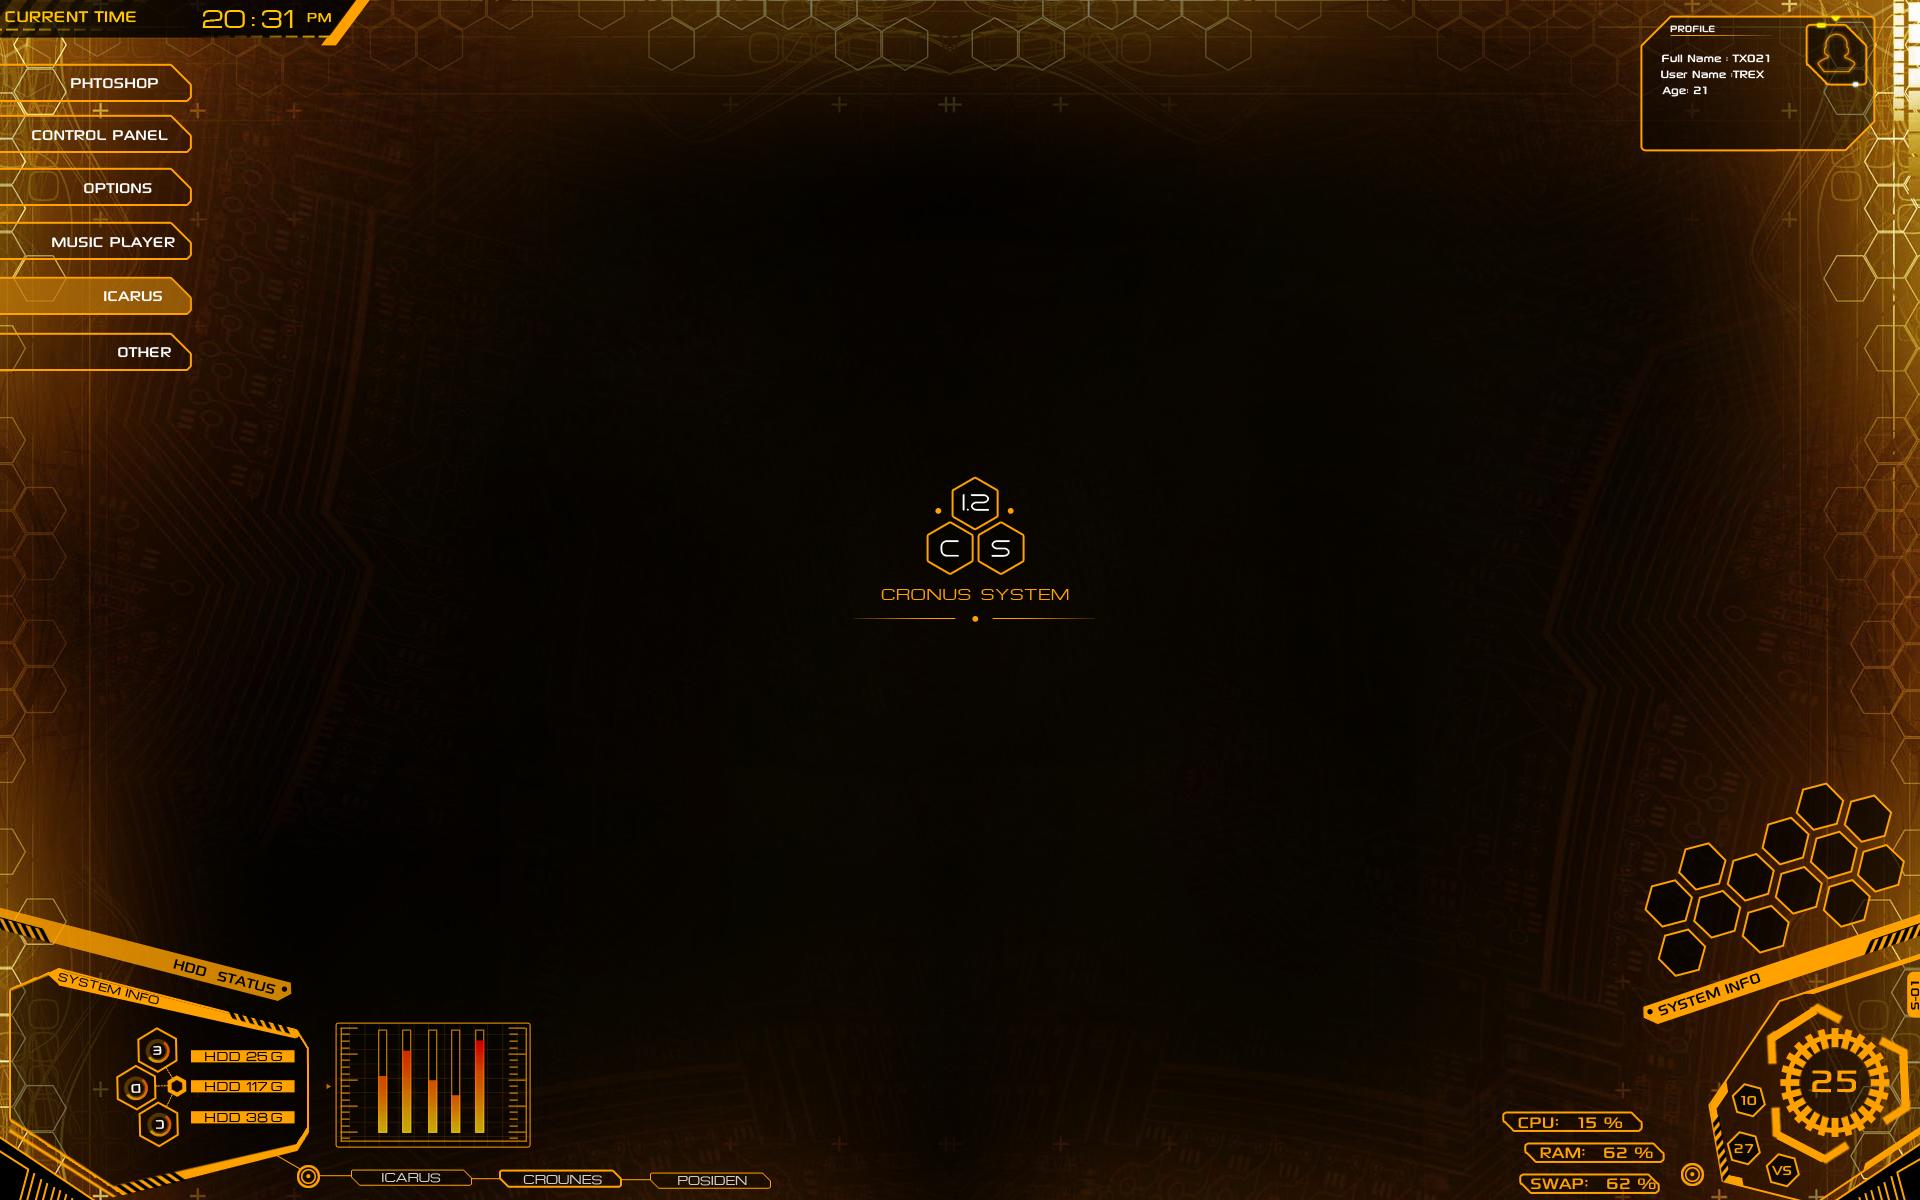 CRONUS SYSTEM by DarknesFreak